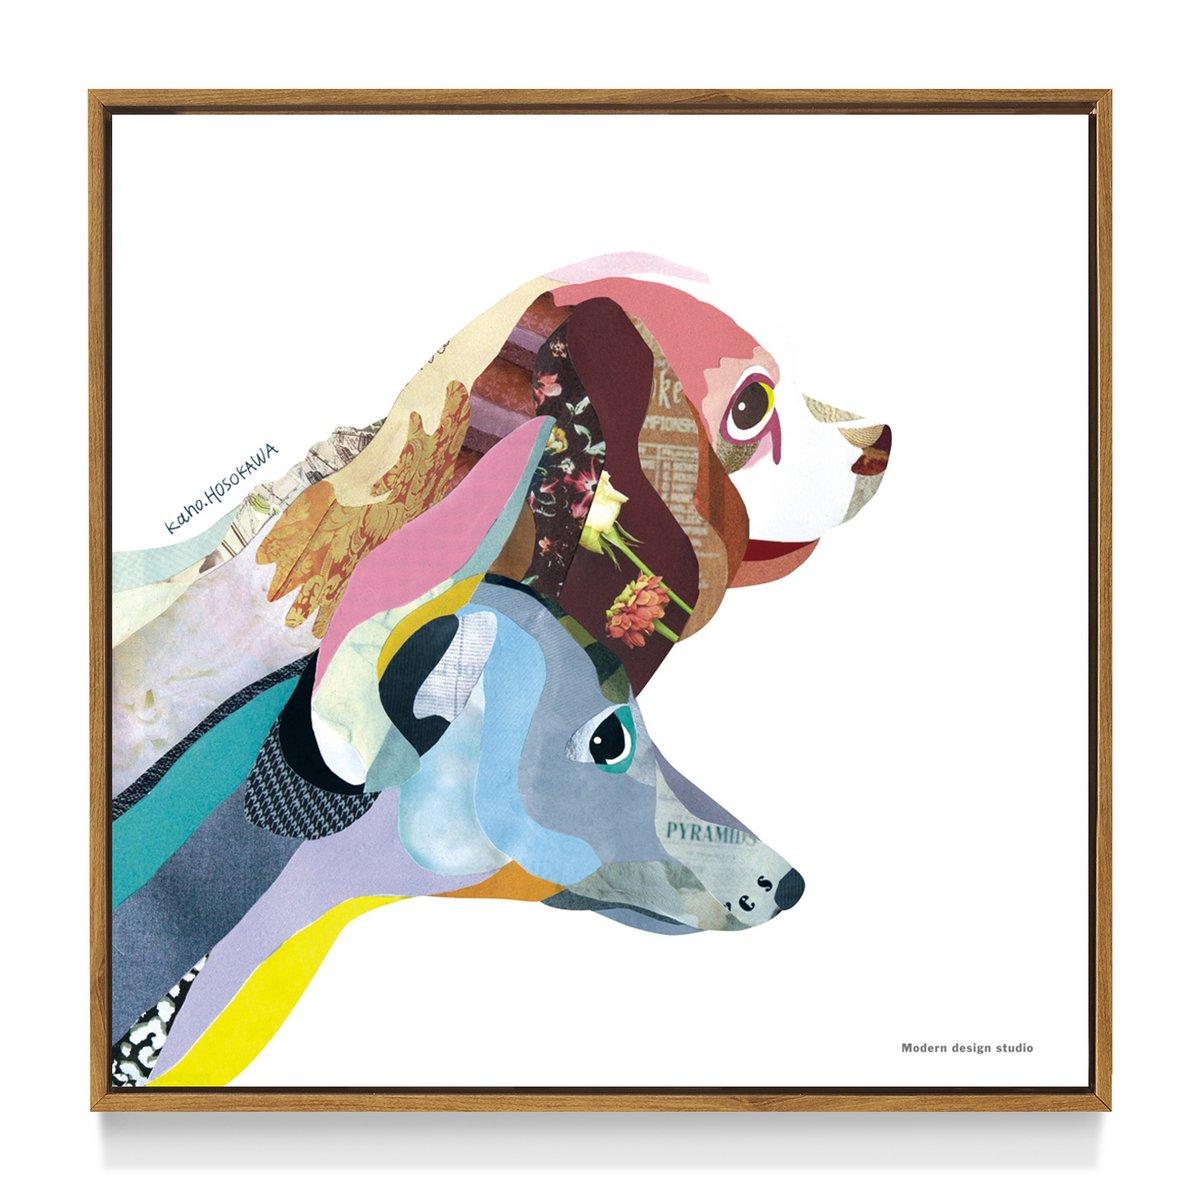 アートフレーム エヌディーコンセプトフレーム カホ ホソカワ ドッグ(犬)/インテリア 壁掛け 額入り 額装込 風景画 油絵 ポスター アート アートパネル リビング 玄関 プレゼント モダン アートフレーム おしゃれ 飾る LLサイズ